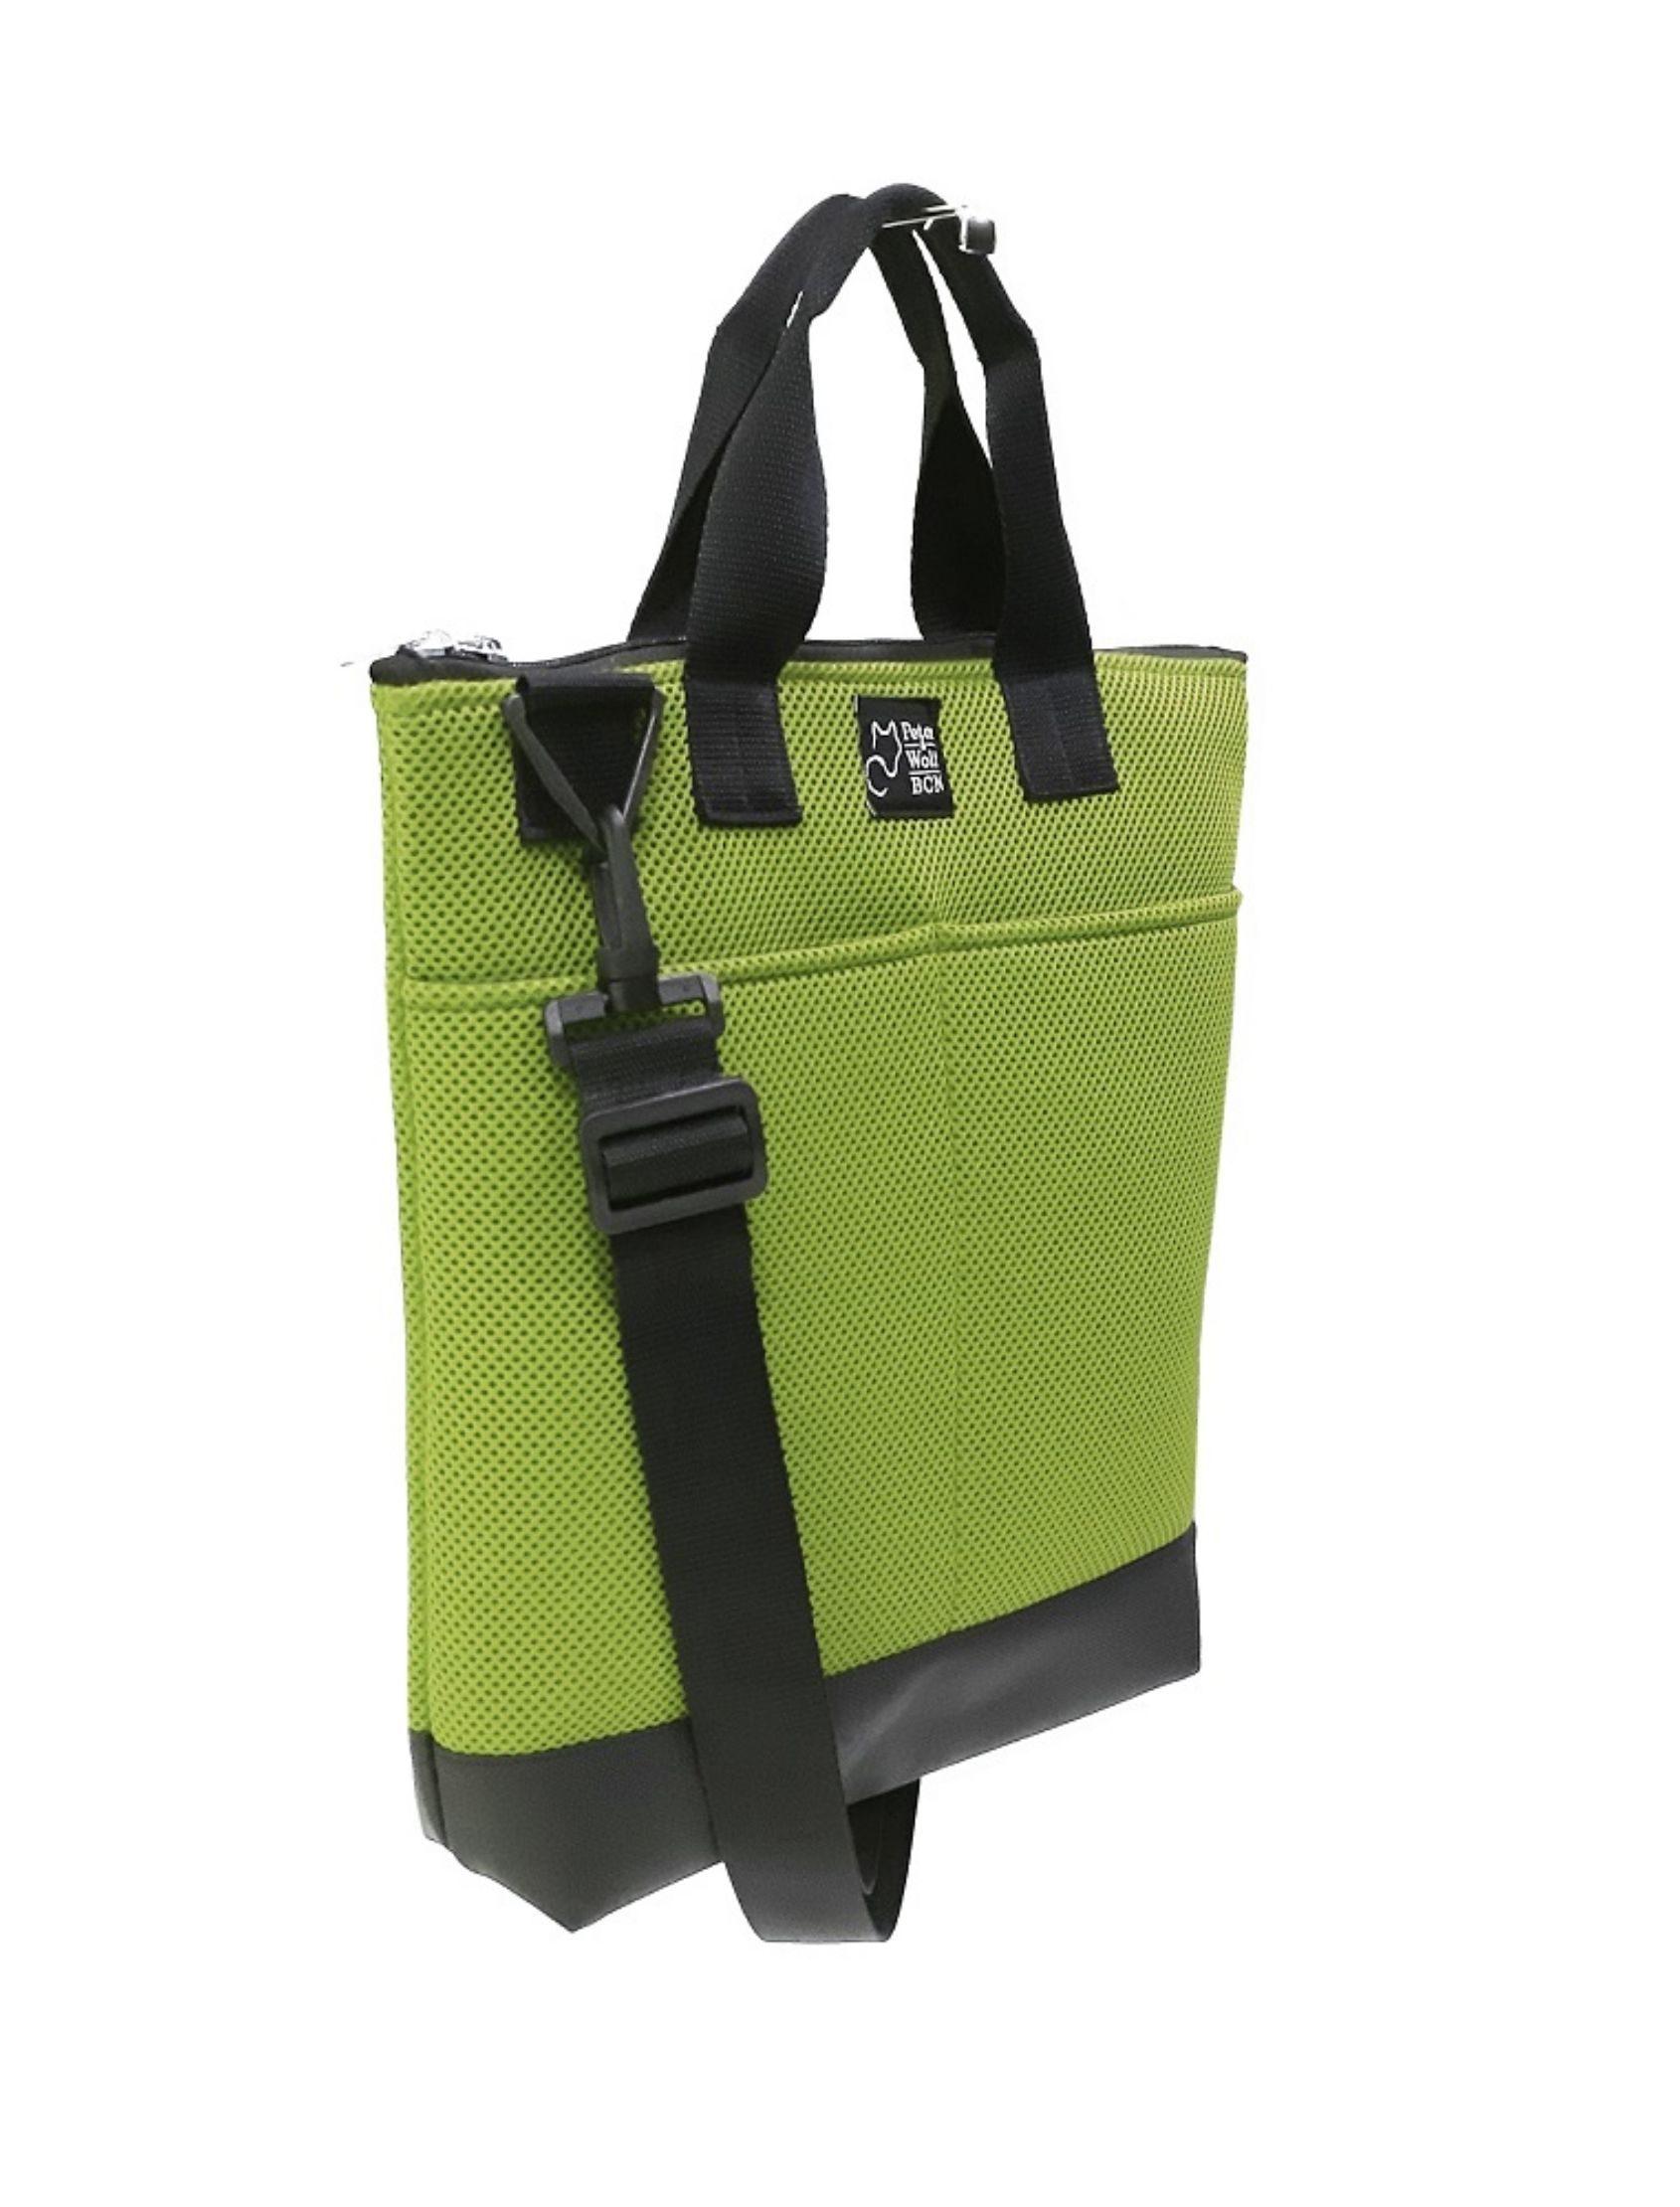 bolso tote bag pockets pistacho con tejido técnico en azul klein con asa corta y bandolera